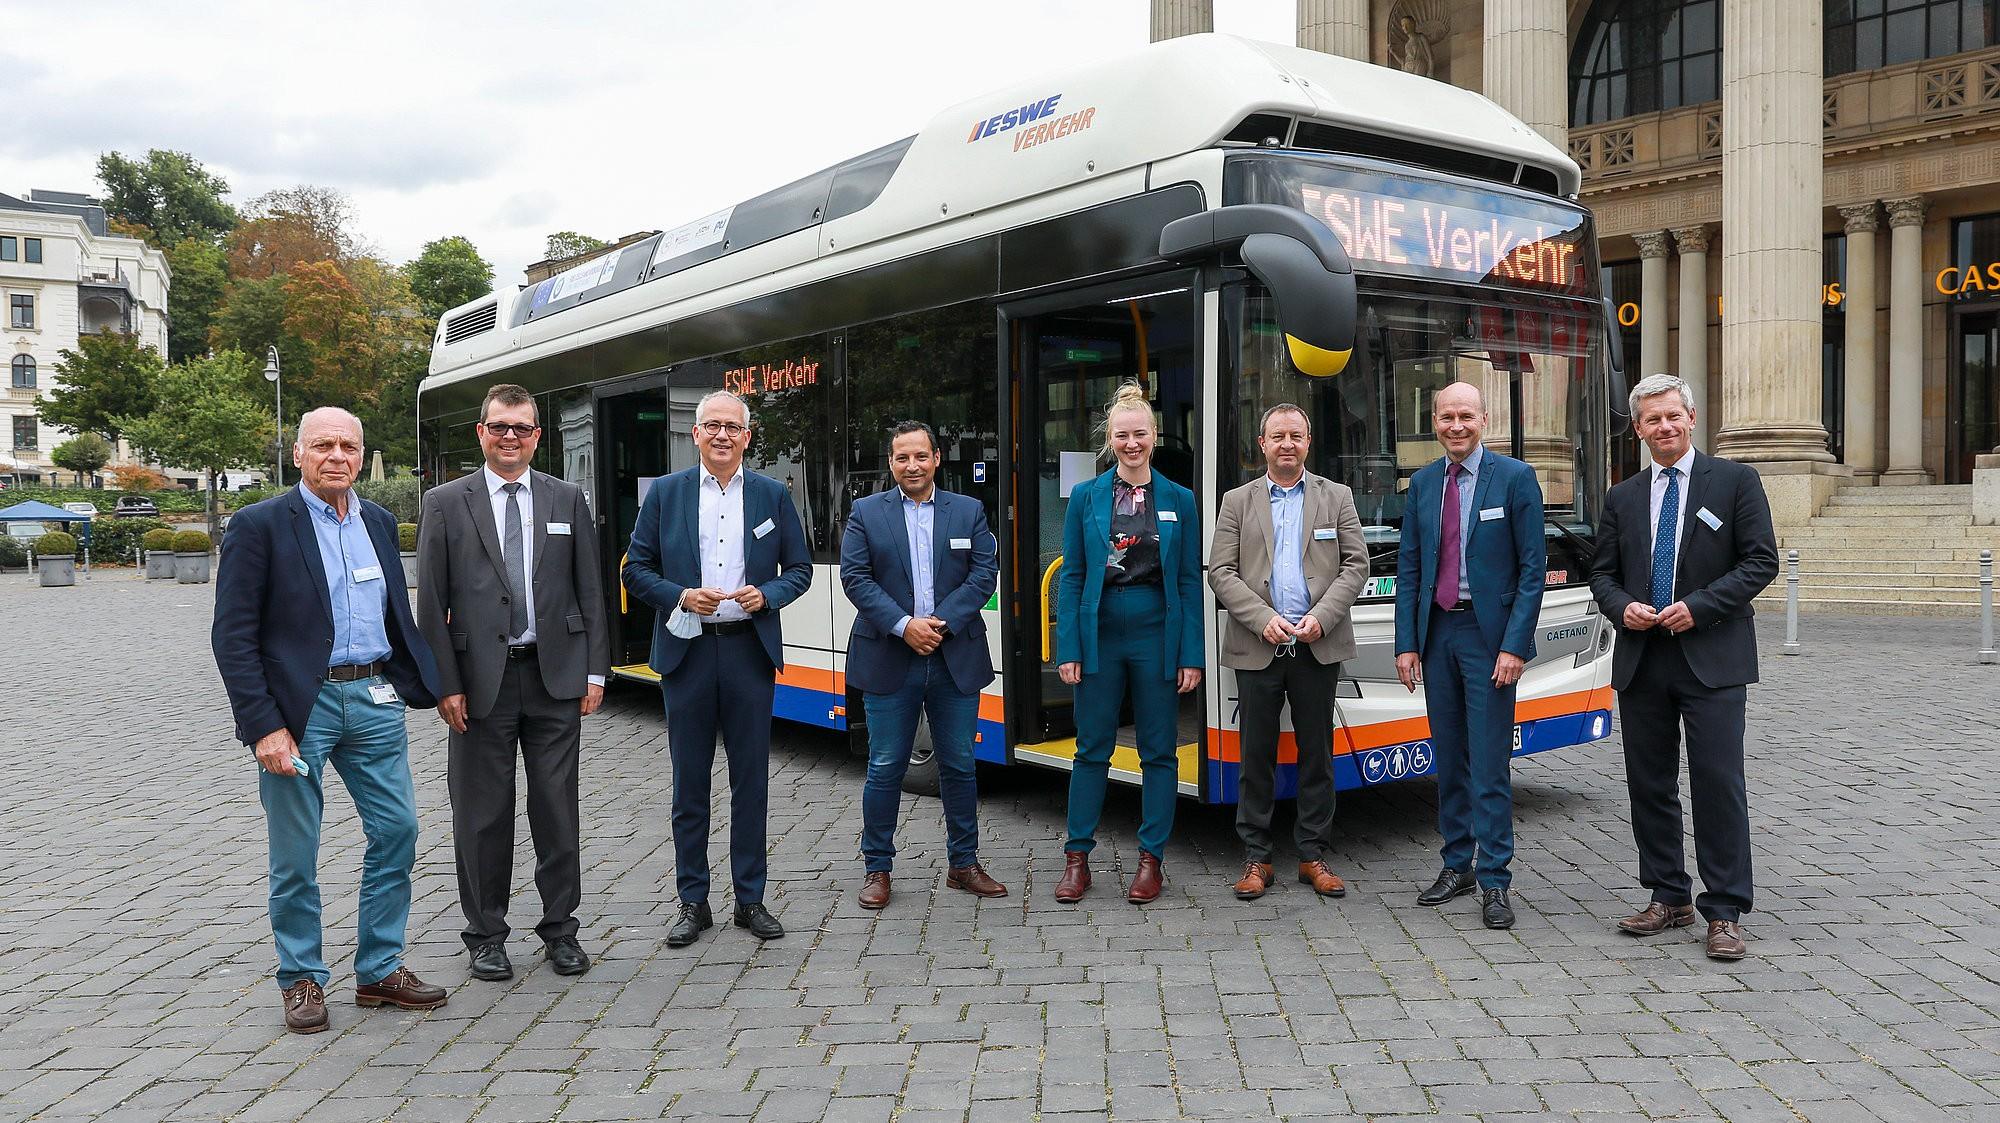 ESWE Verkehr in Wiesbaden hatte im Juni 2020 europaweit zehn Brennstoffzellenbusse ausgeschrieben. Aus den eingereichten Angeboten ging der portugiesische Fahrzeughersteller CaetanoBus S.A. als Sieger hervor.